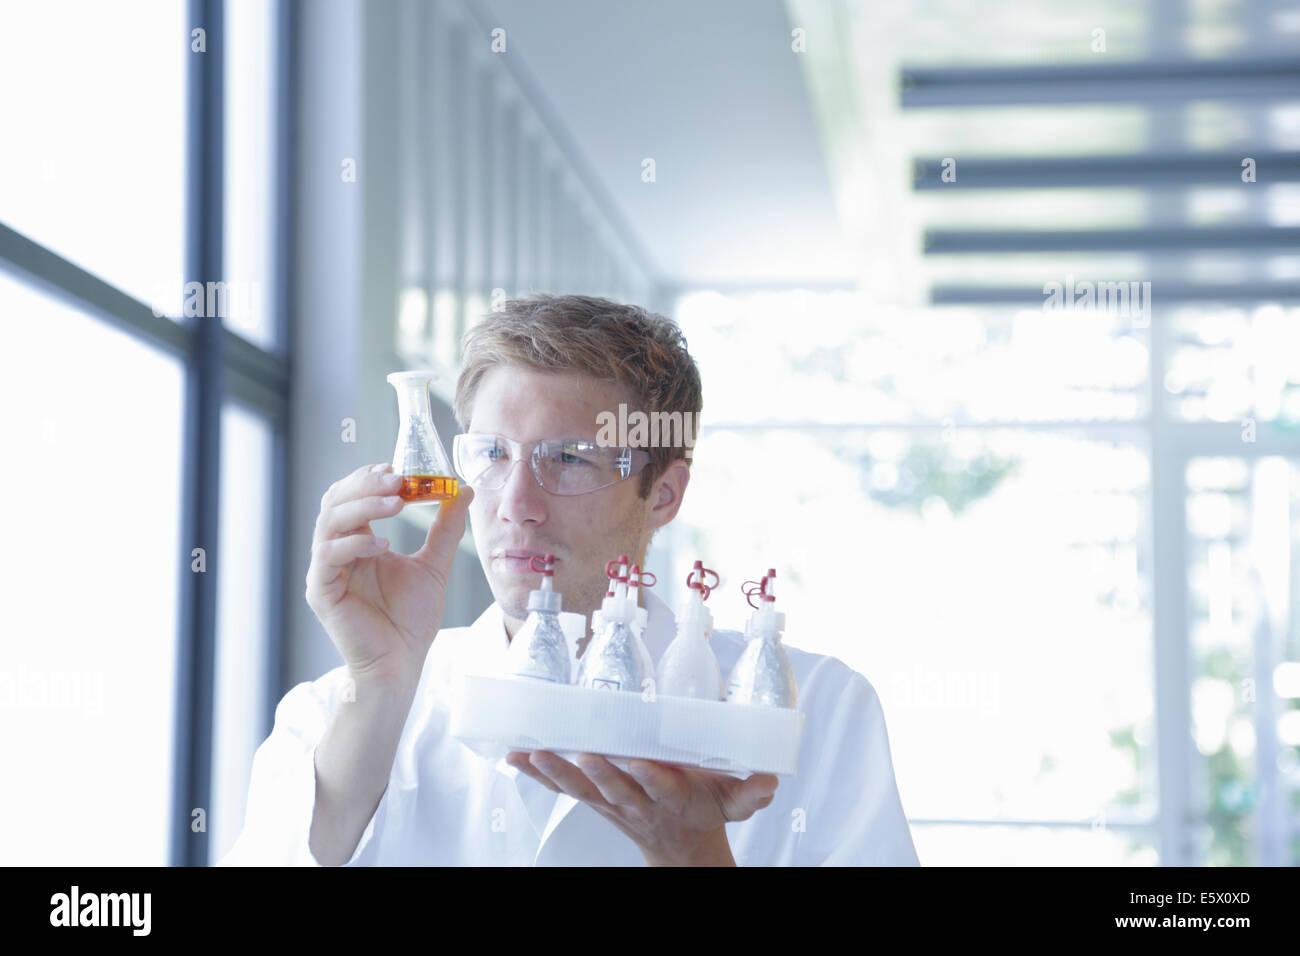 Männliche Wissenschaftler analysieren Erlenmeyerkolben im Labor Stockbild